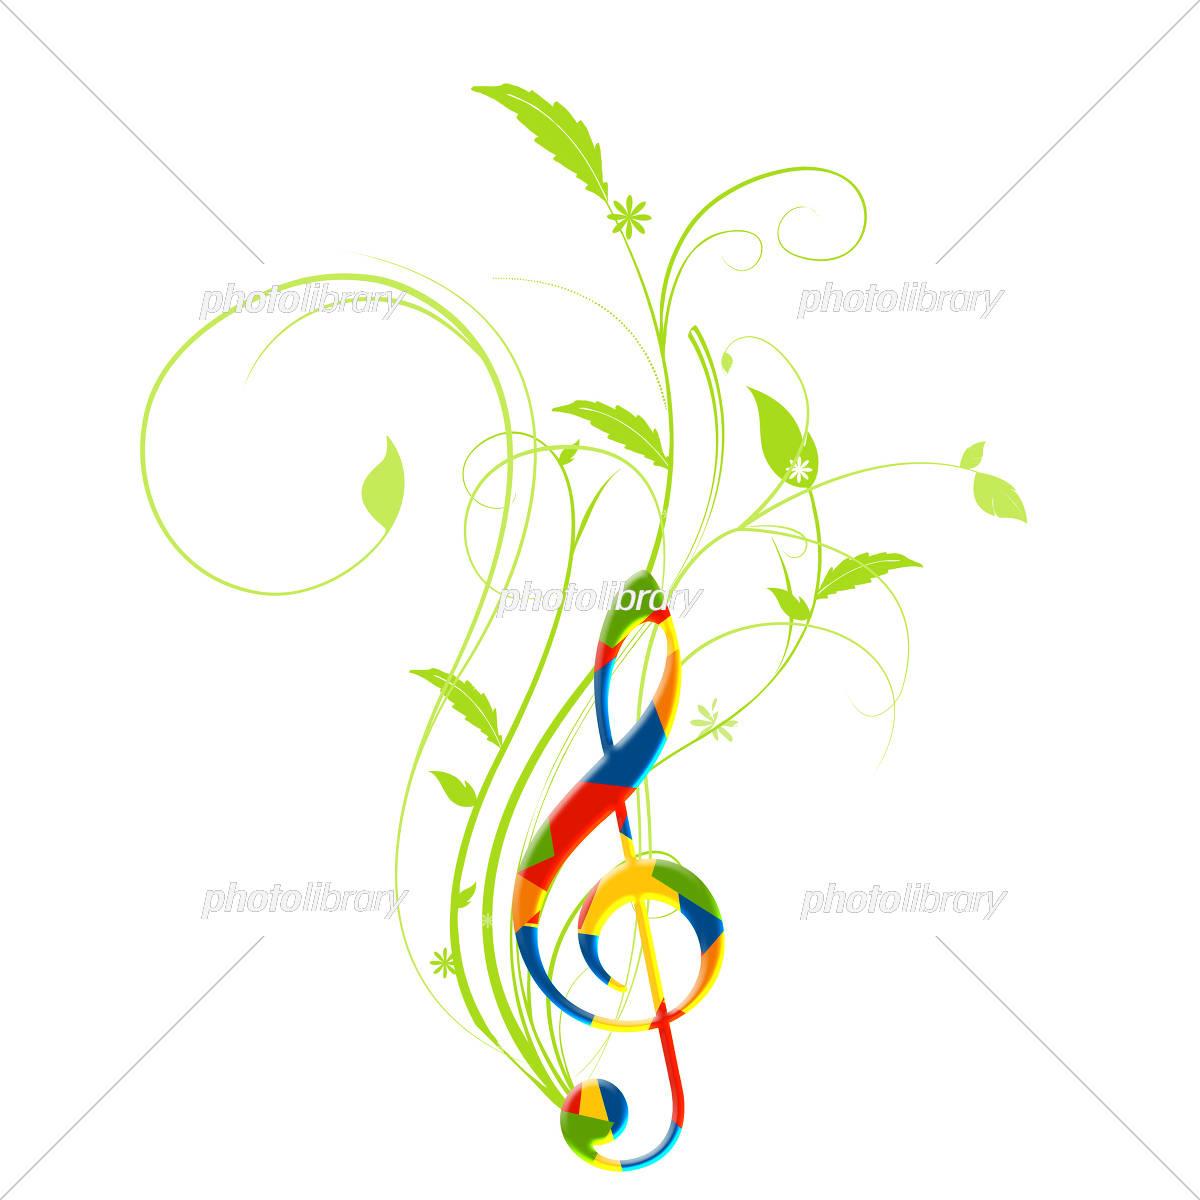 音楽 楽譜 譜面 ミュージック ト音記号 音符 イラスト素材 5753083